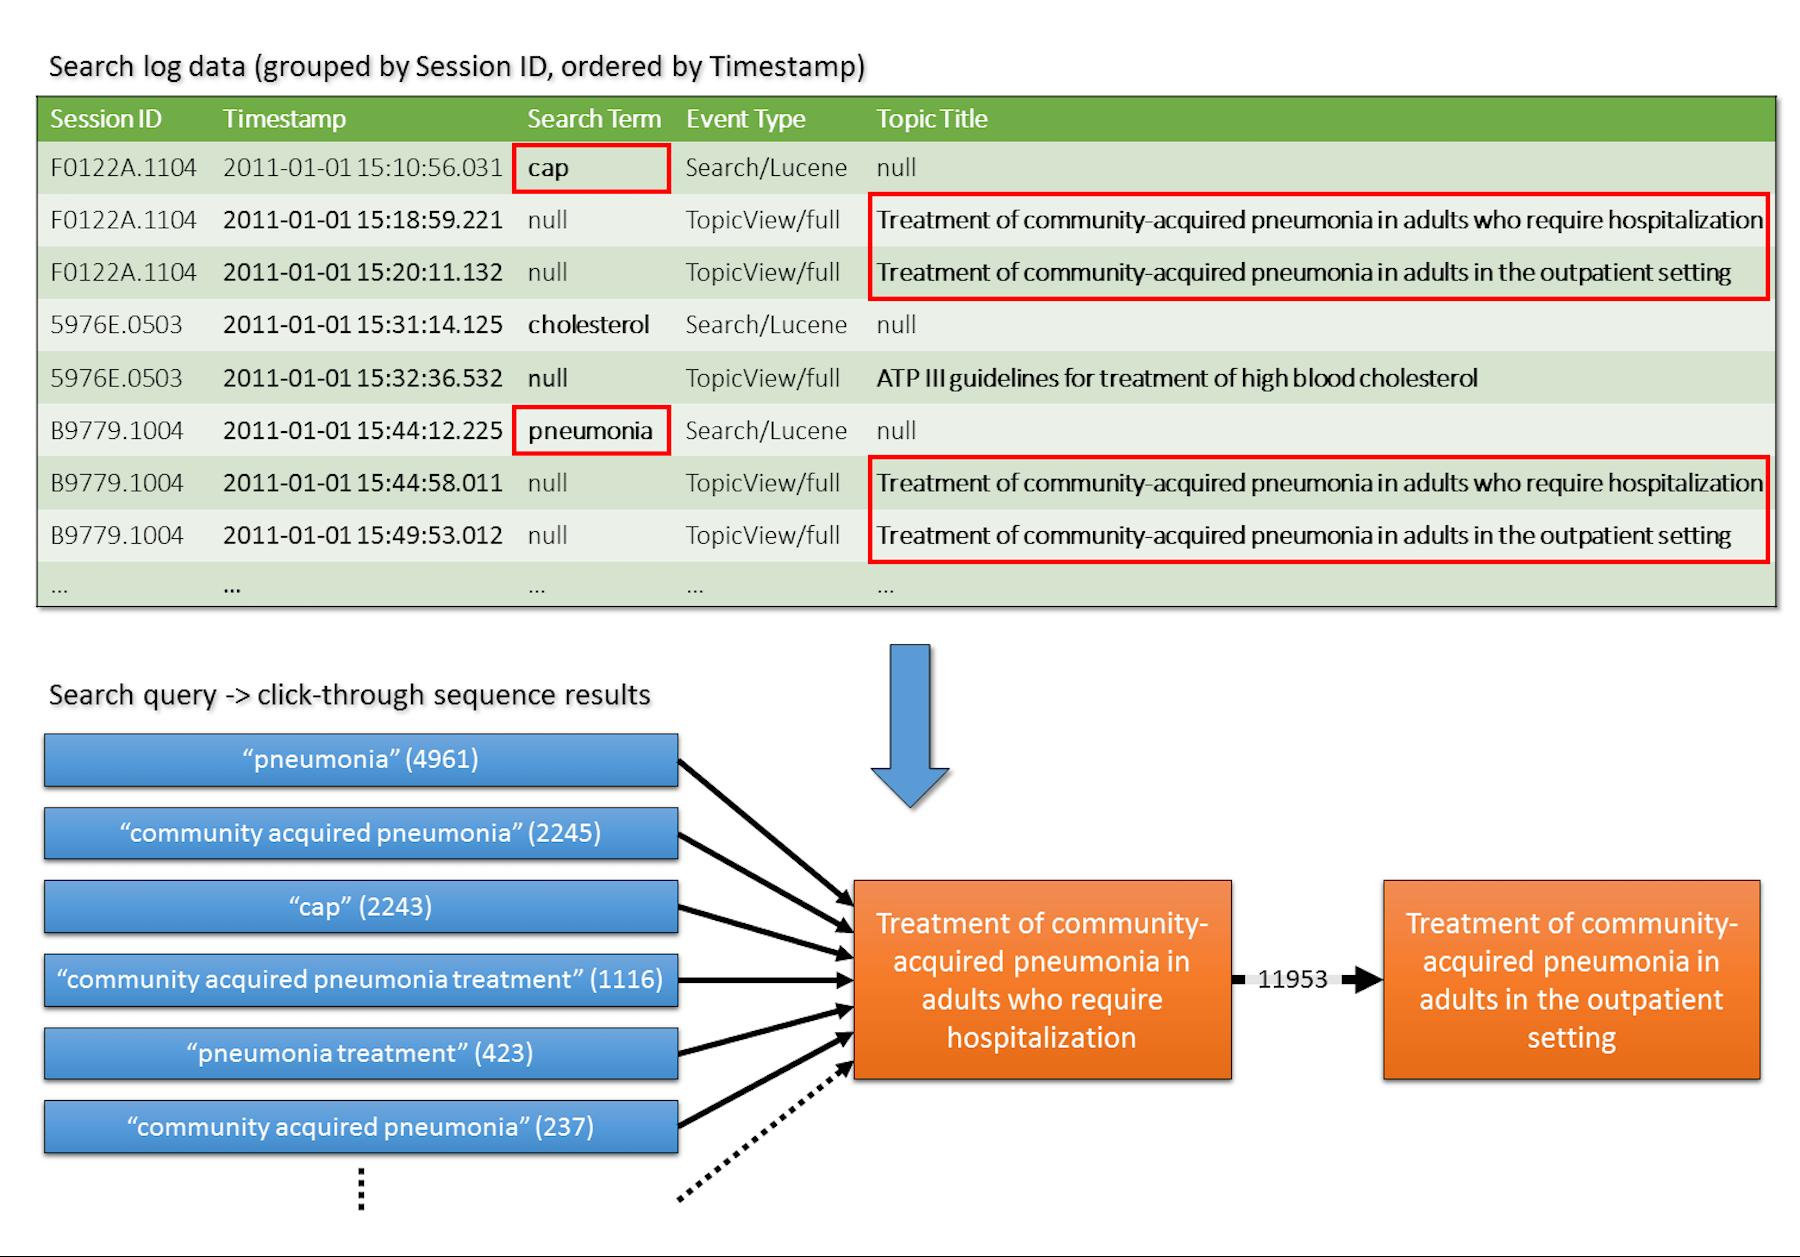 JMIR - Analyzing Information Seeking and Drug-Safety Alert